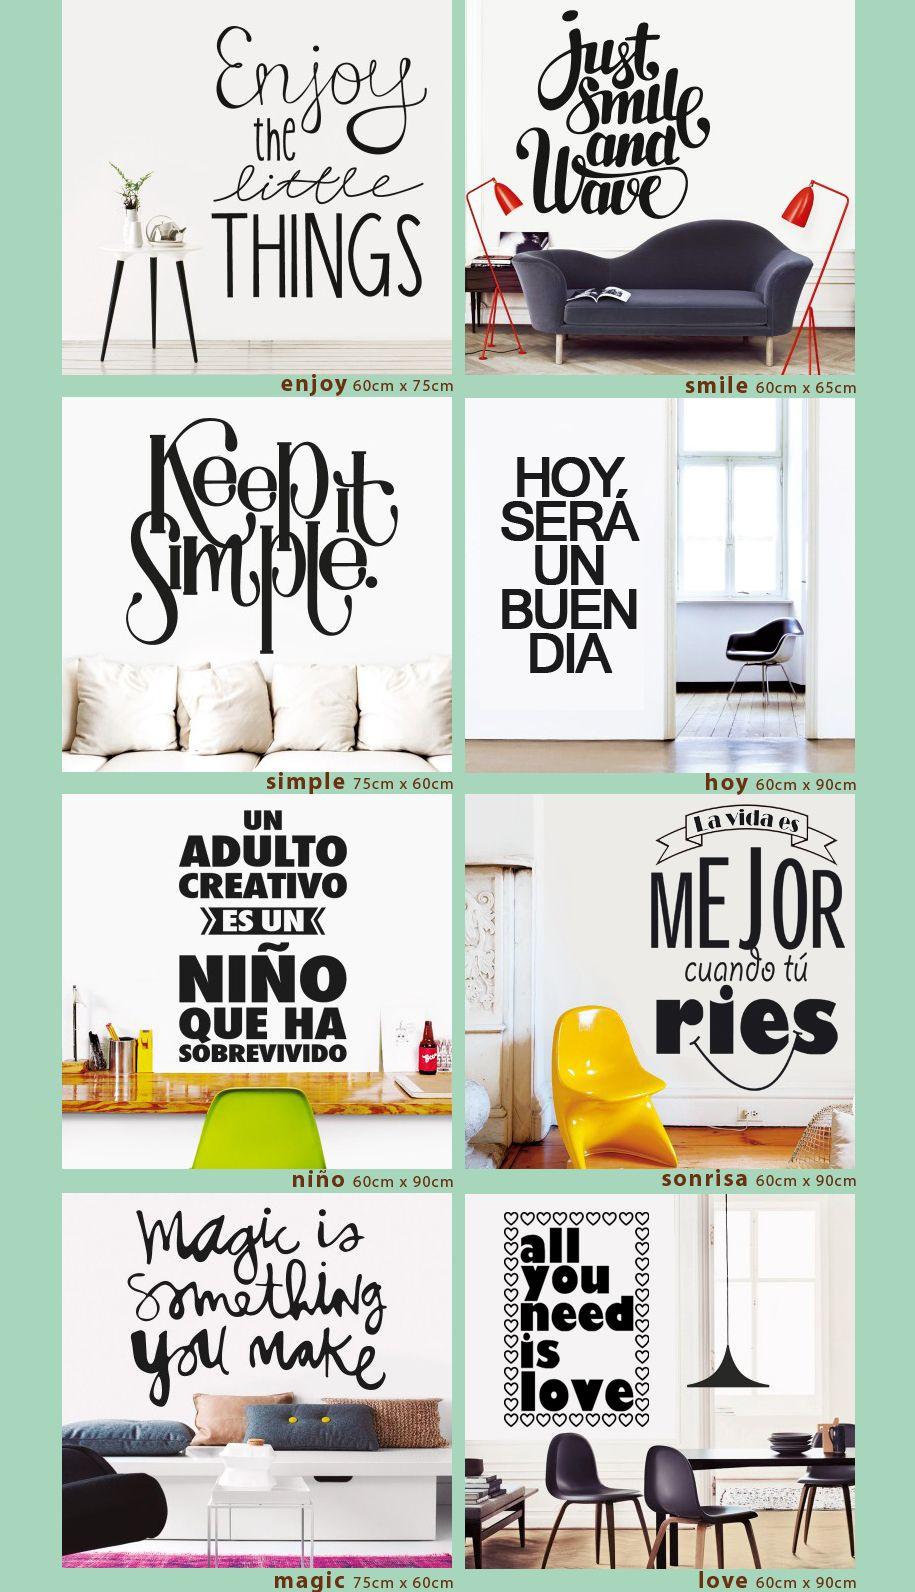 Vinilos decorativos frases y textos depto pinterest for Vinilos decorativos oficina